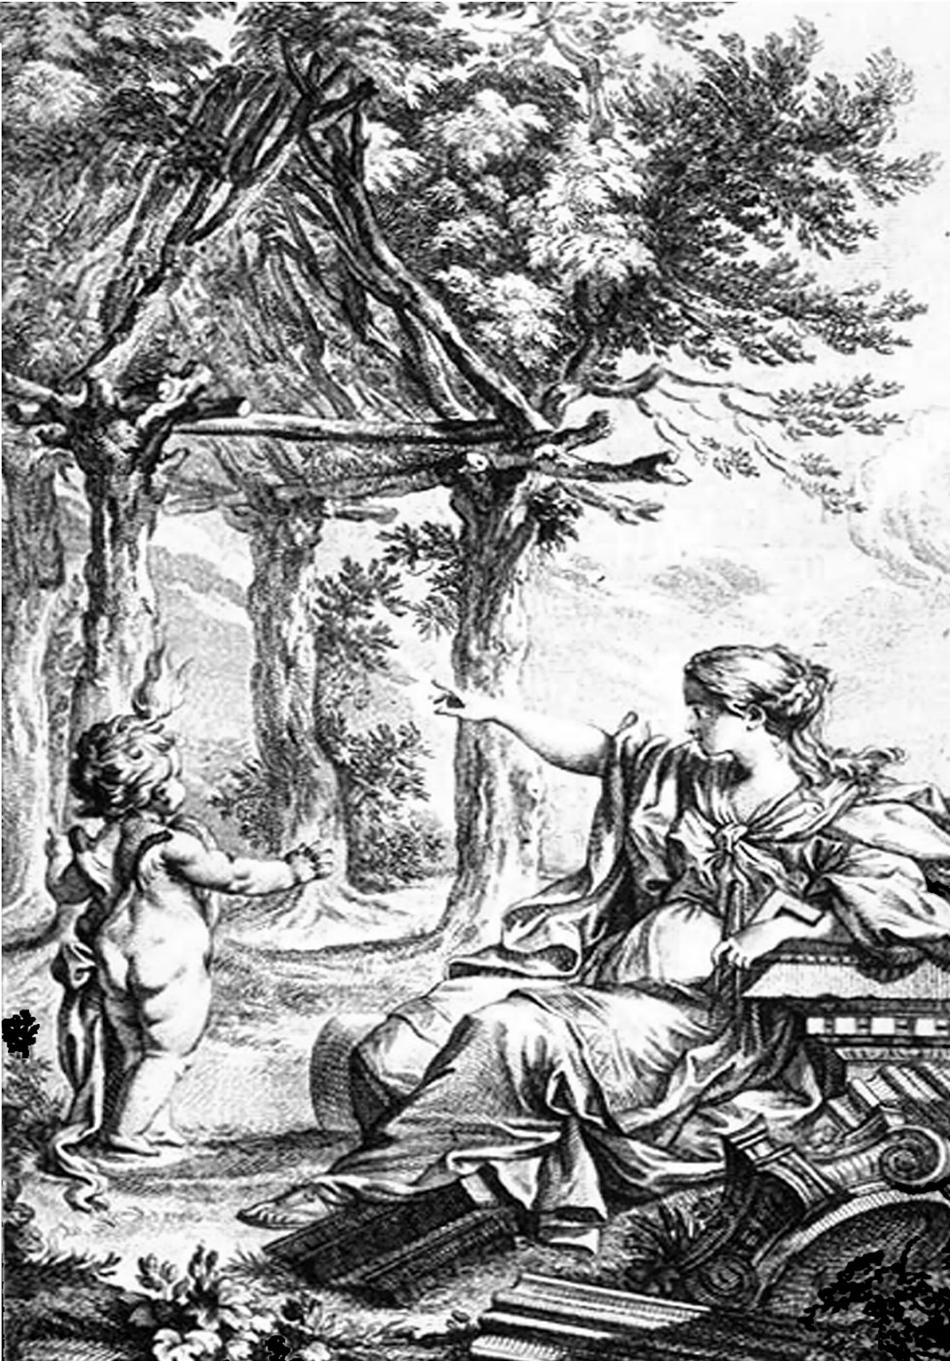 Figure 3: Marc-Antoine Laugier, The Primitive Hut, Frontpiece of  Essai sur l'architecture (1755).